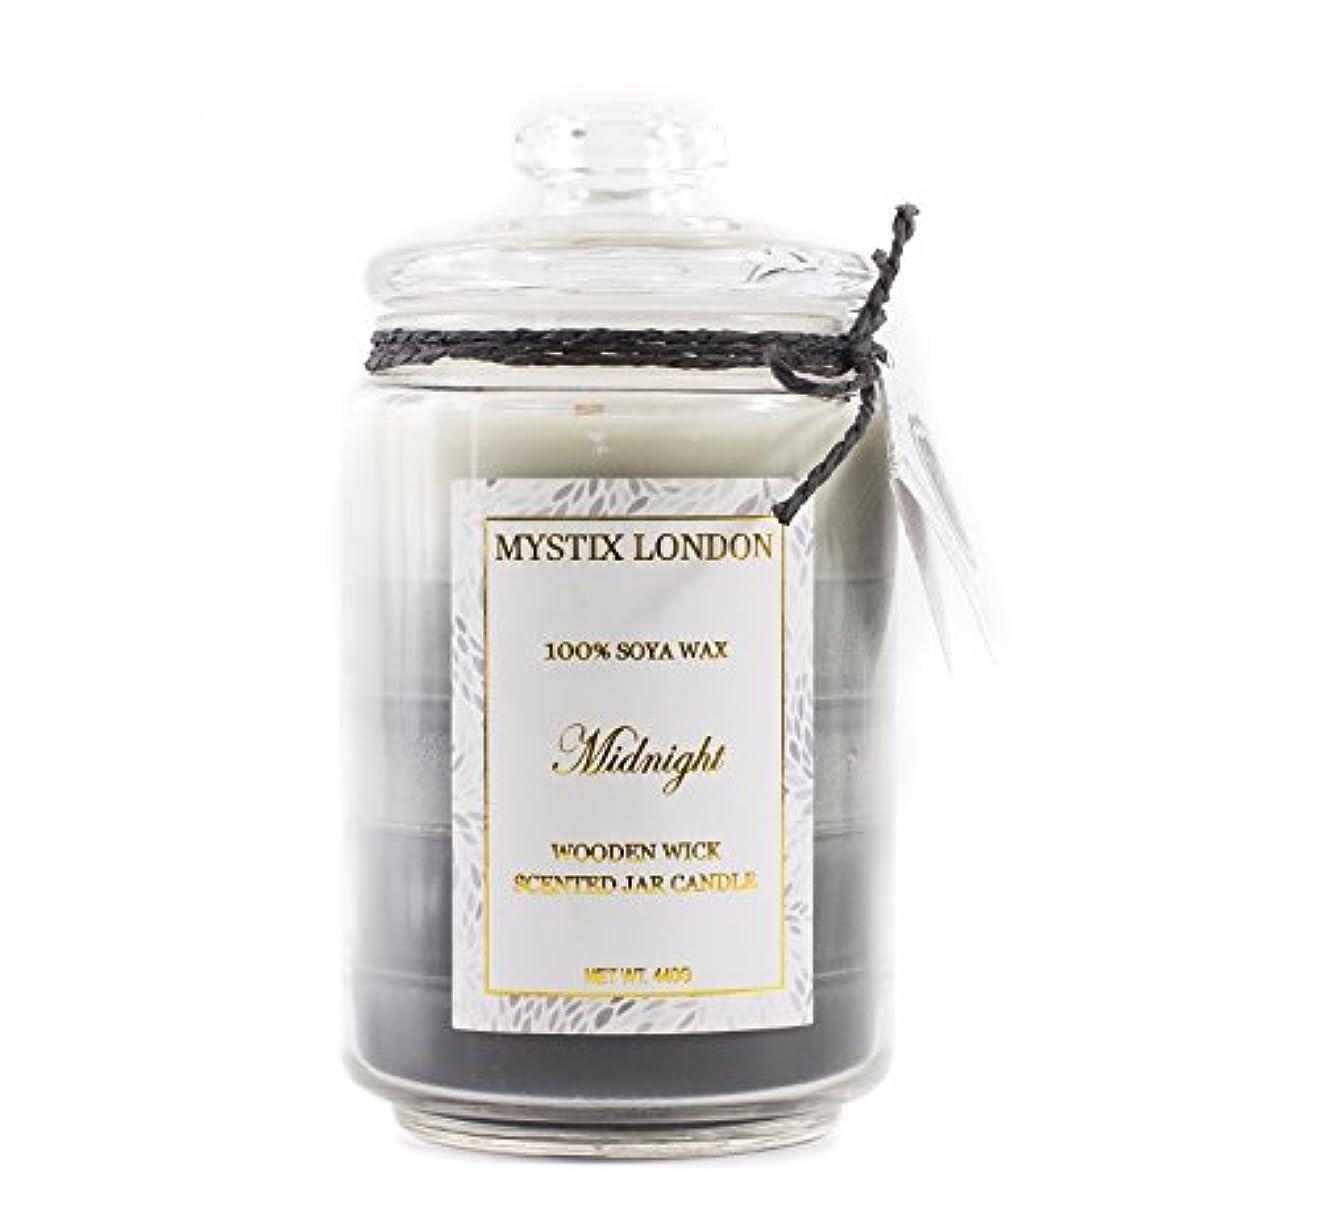 トランクライブラリチョーク議題Mystix London Midnight Wooden Wick Scented Jar Candle 440g